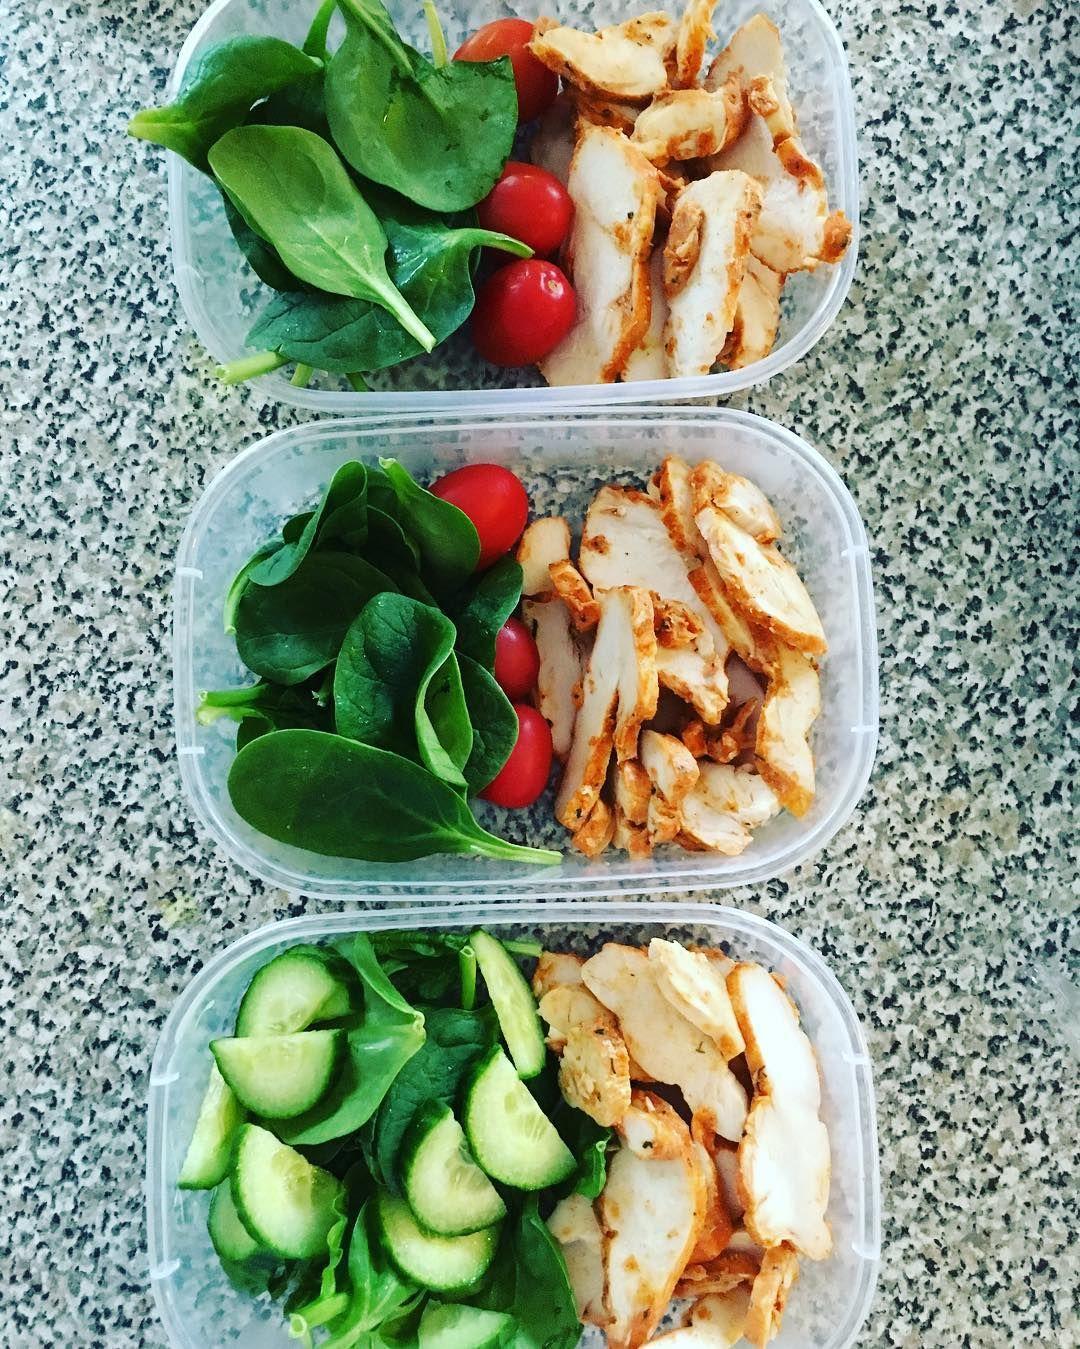 15 Sencillas Combinaciones De Platillos Que Todas Podemos Preparar Alimentacion Saludable Comida Saludable Comida Saludable Ensaladas